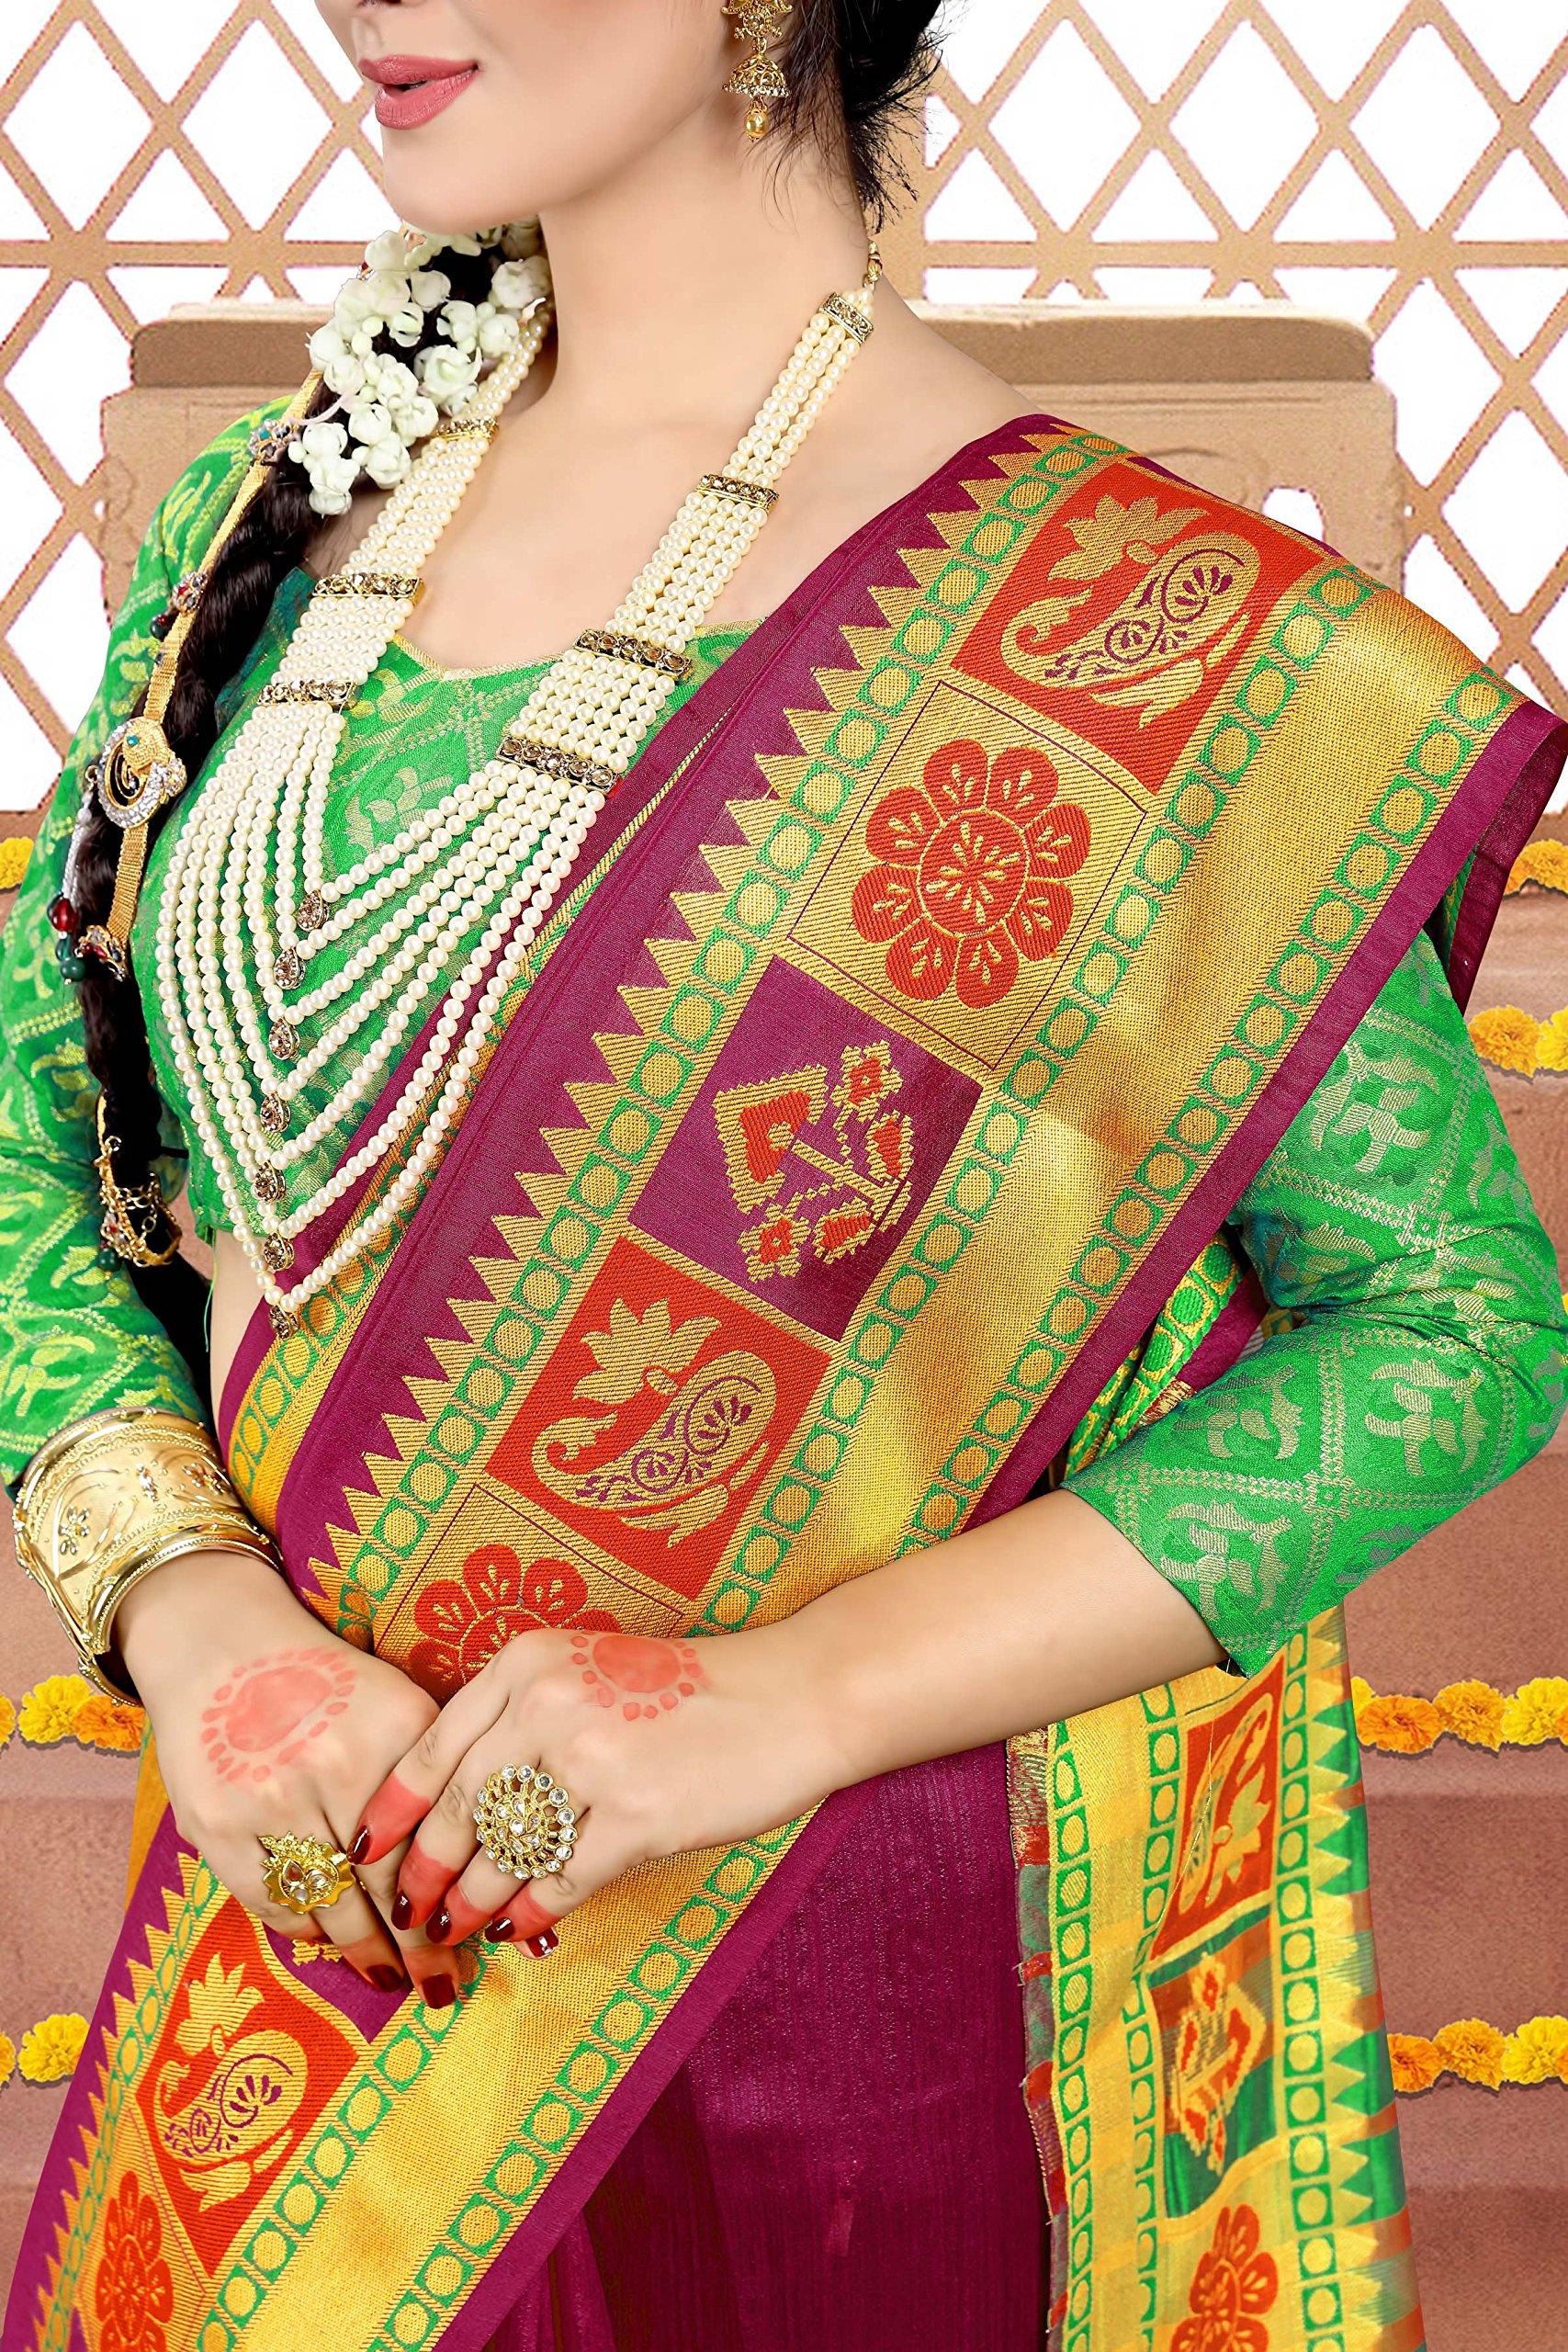 ELINA FASHION Sarees Women Cotton Silk Woven Saree l Indian Wedding Gift Sari Un Stitched Blouse by ELINA FASHION (Image #3)